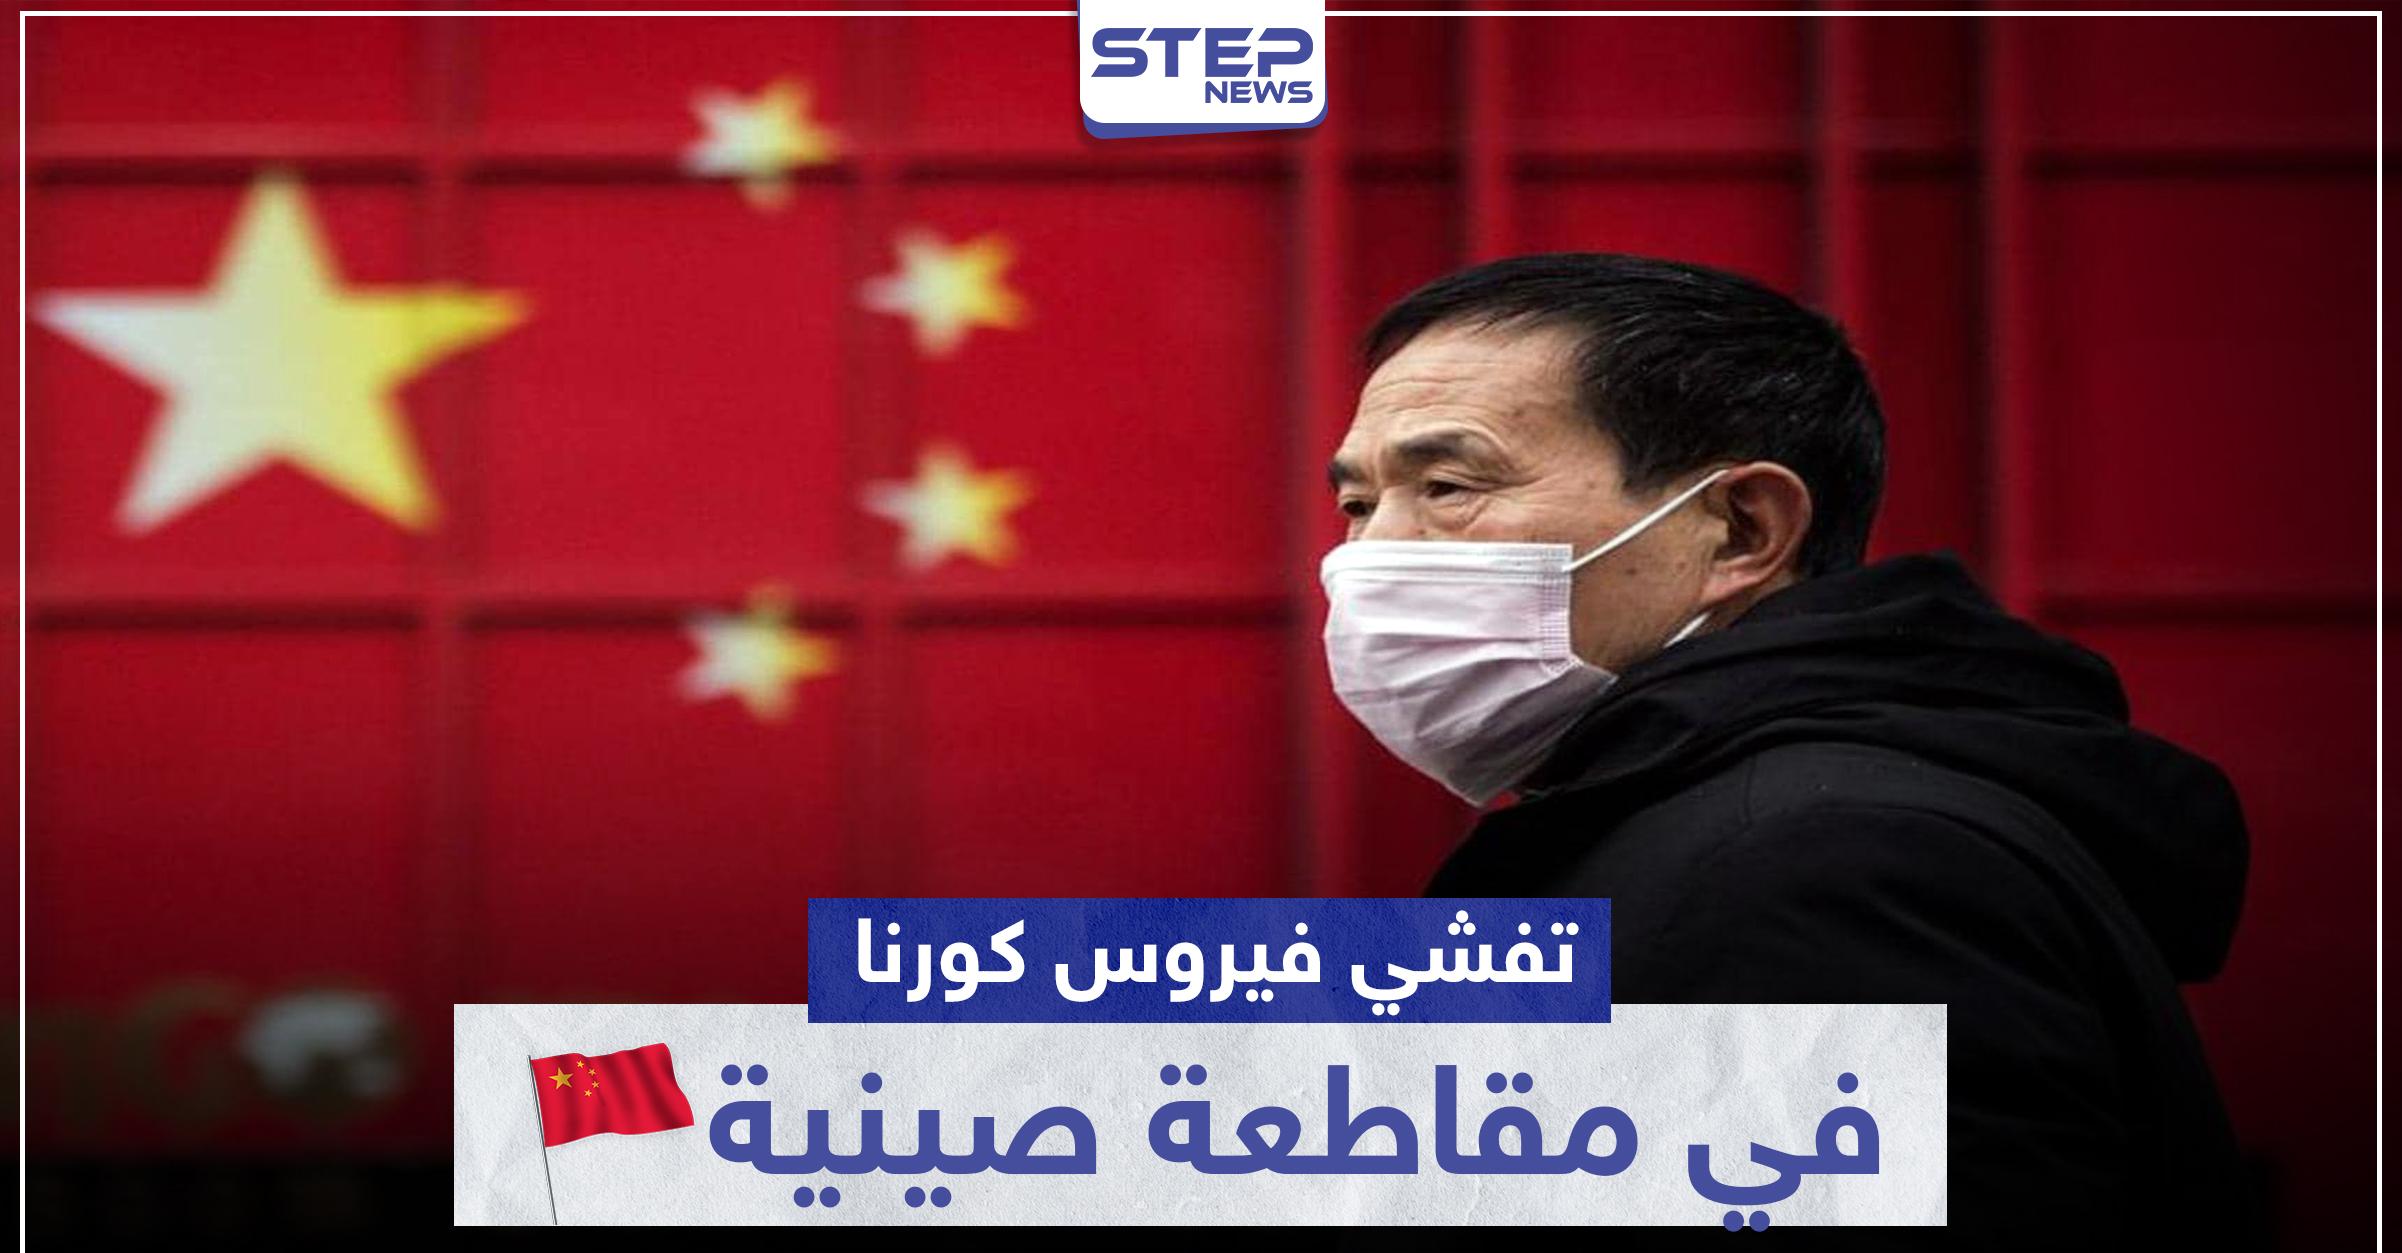 بعد إعلانها الإنتصار.. الصين تُغلق مدينة بأكملها لوقف تفشي فيروس كورونا